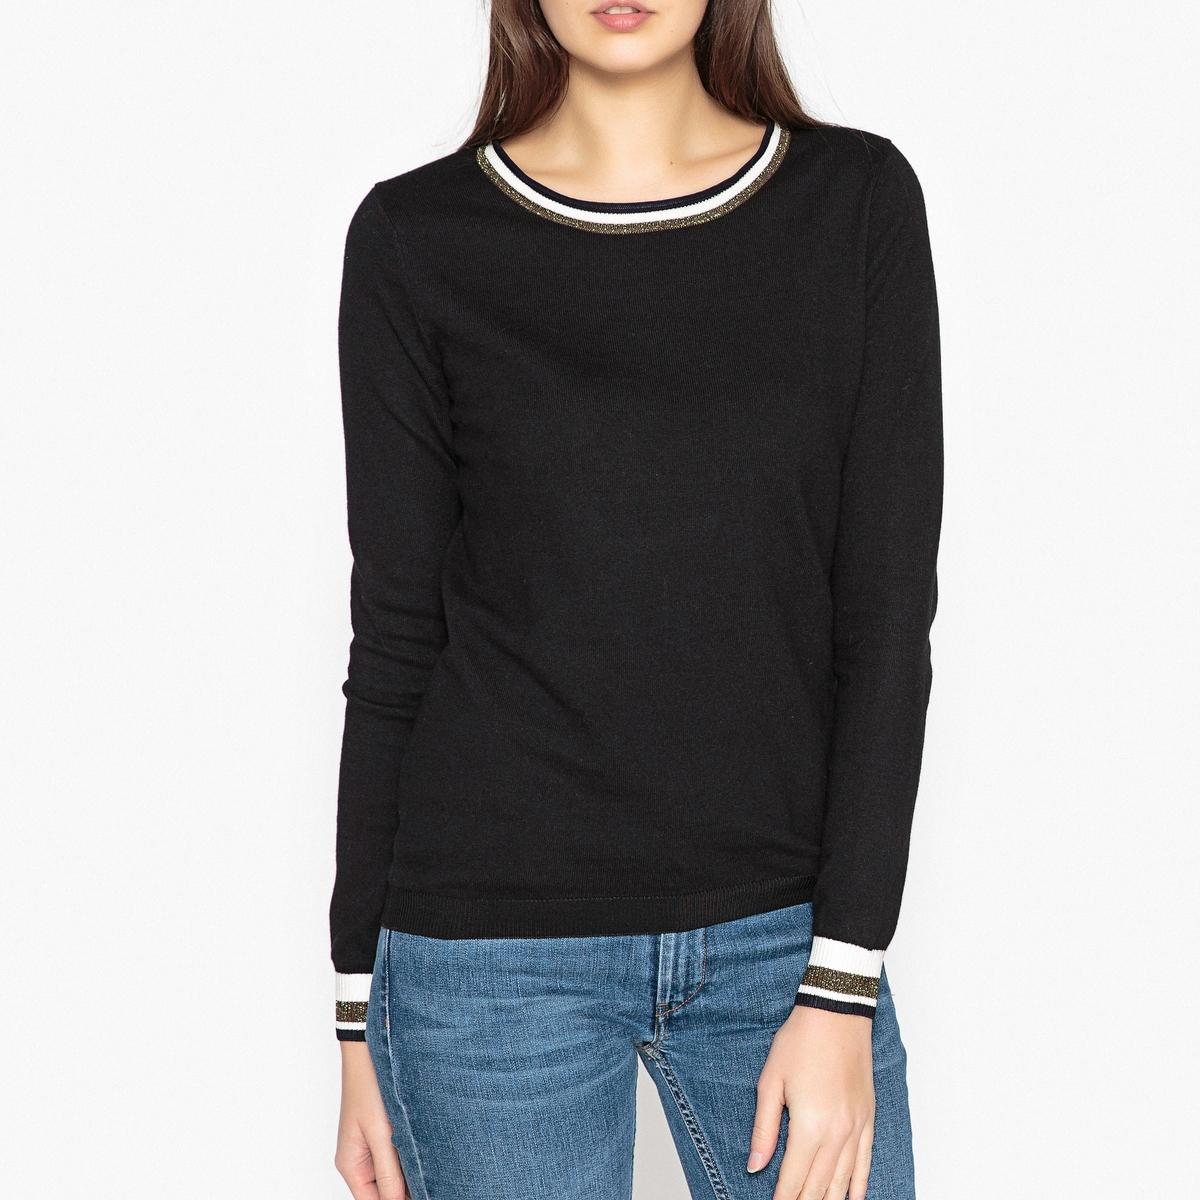 Пуловер с круглым вырезом, из тонкого трикотажа maison scotch maison scotch 133 1621 0351131250 c